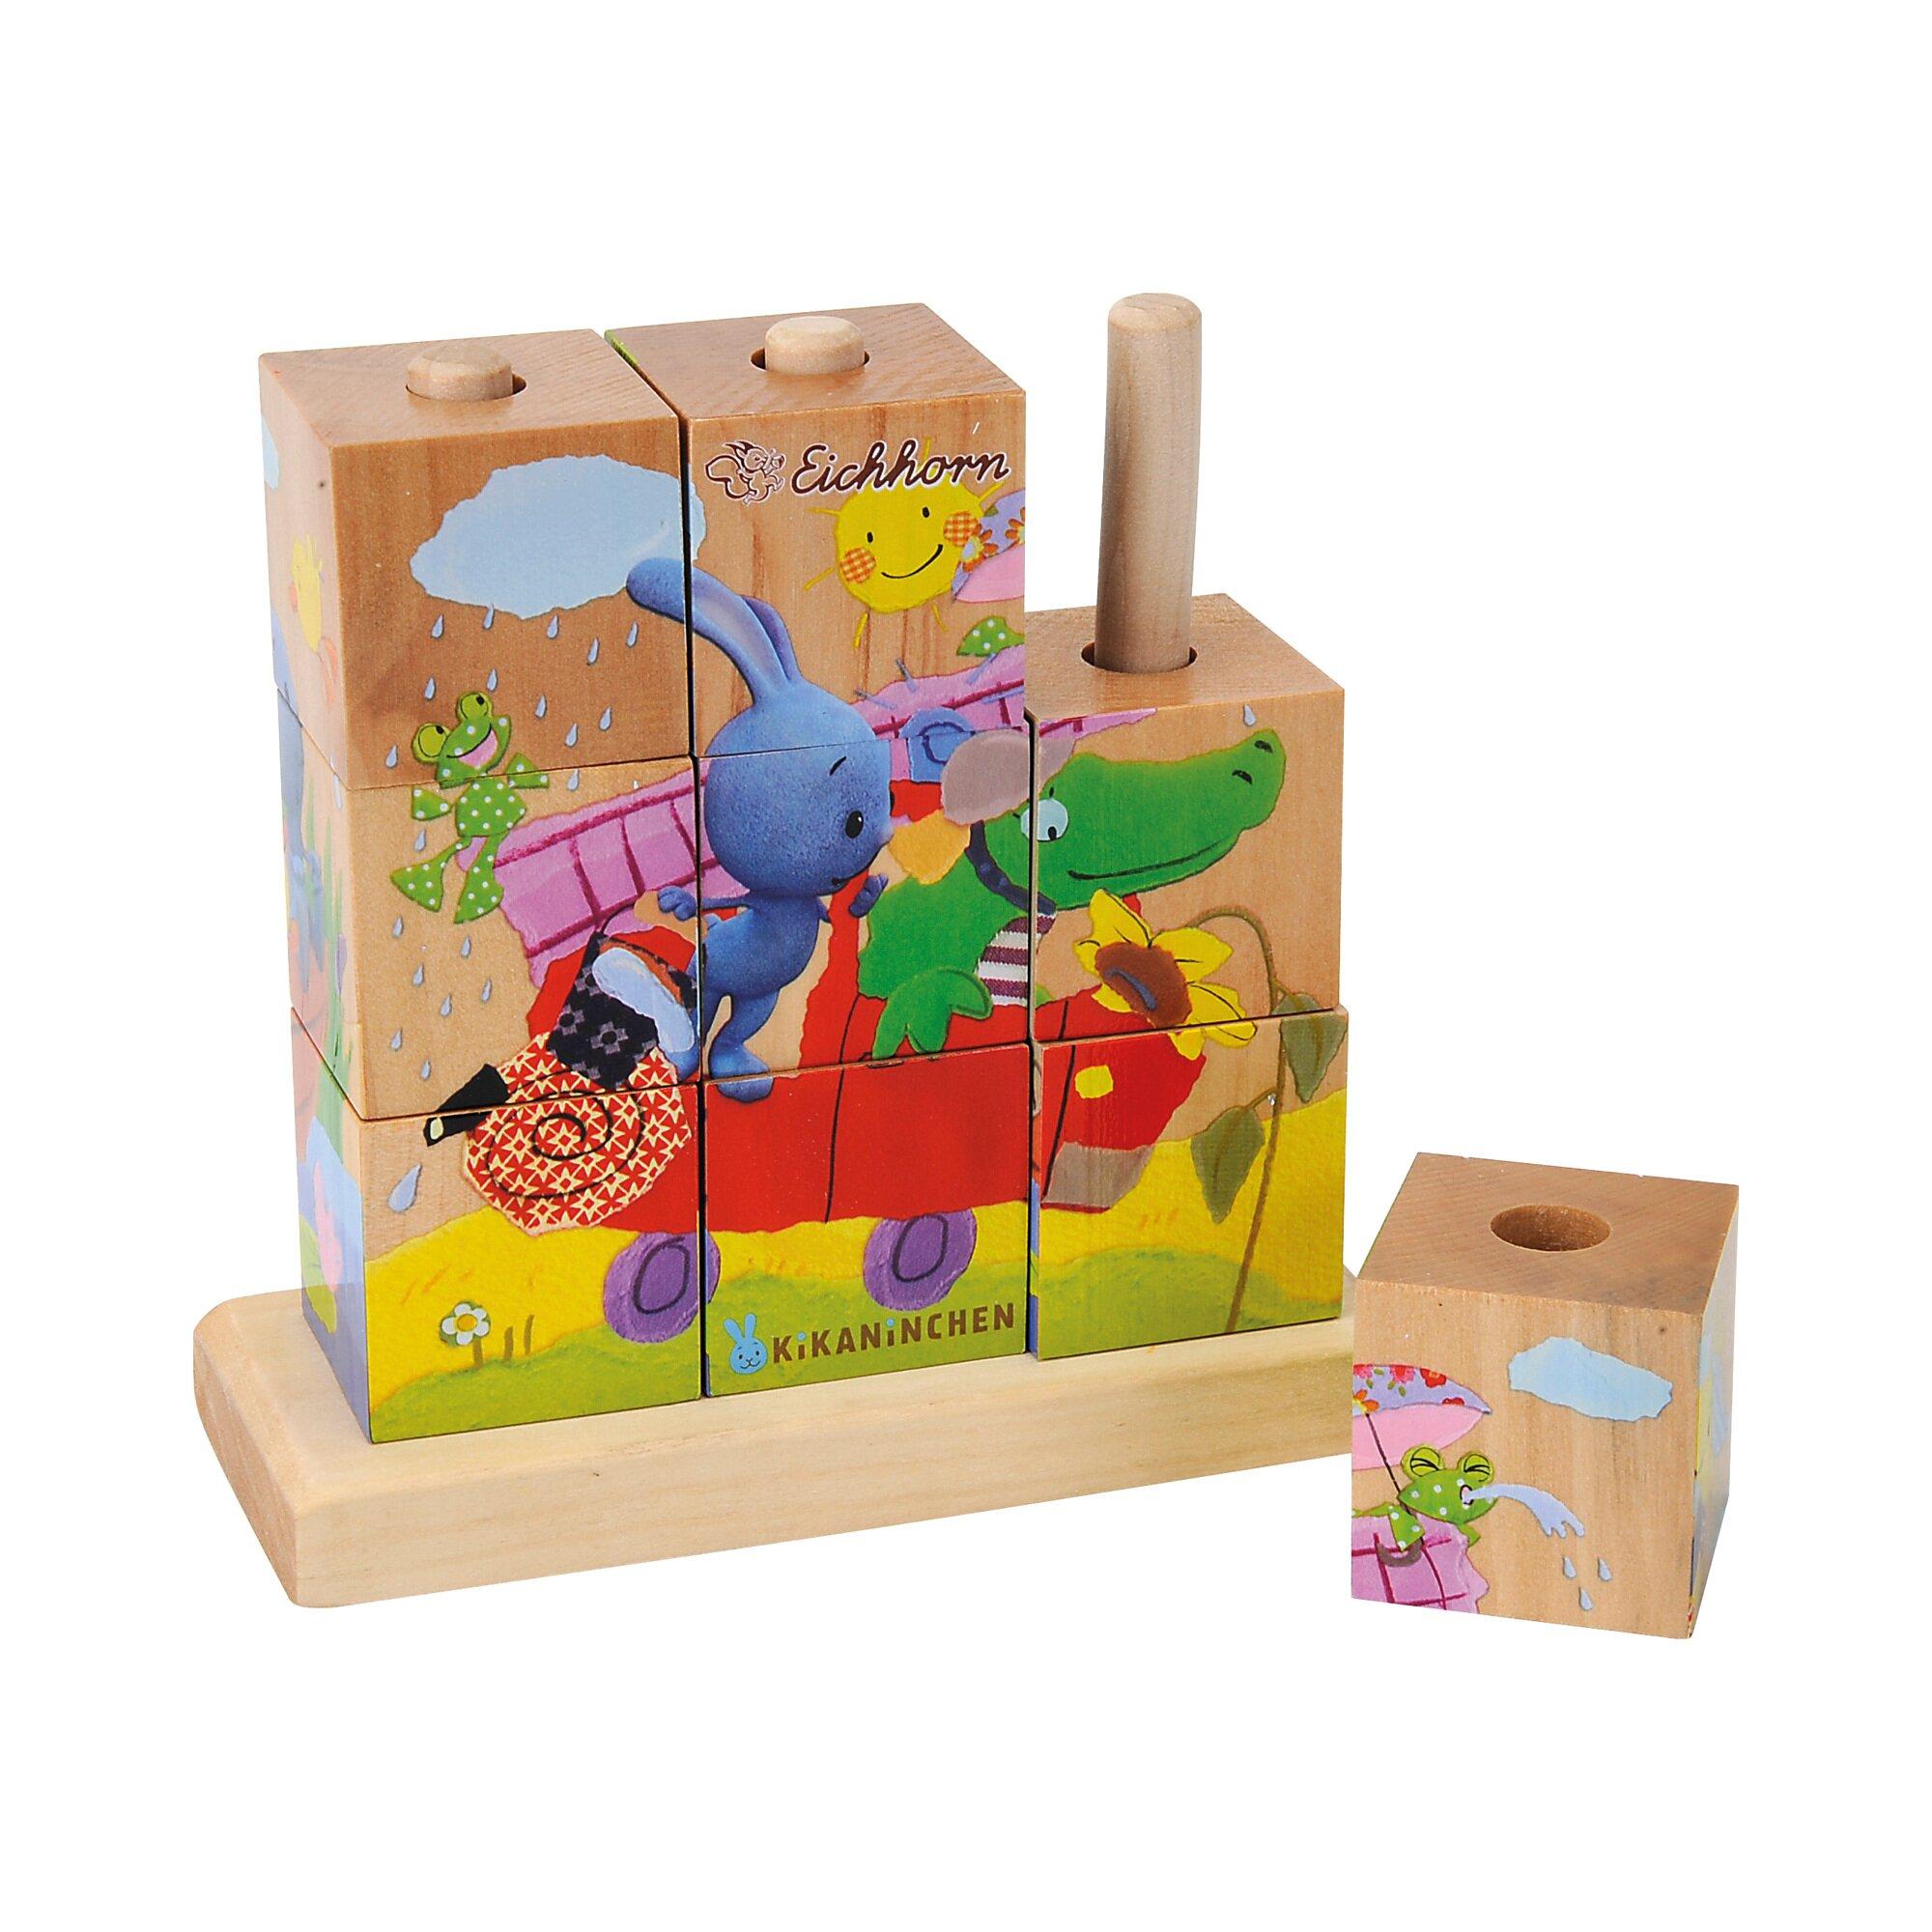 kikaninchen-bilderwurfel-puzzle-kikaninchen